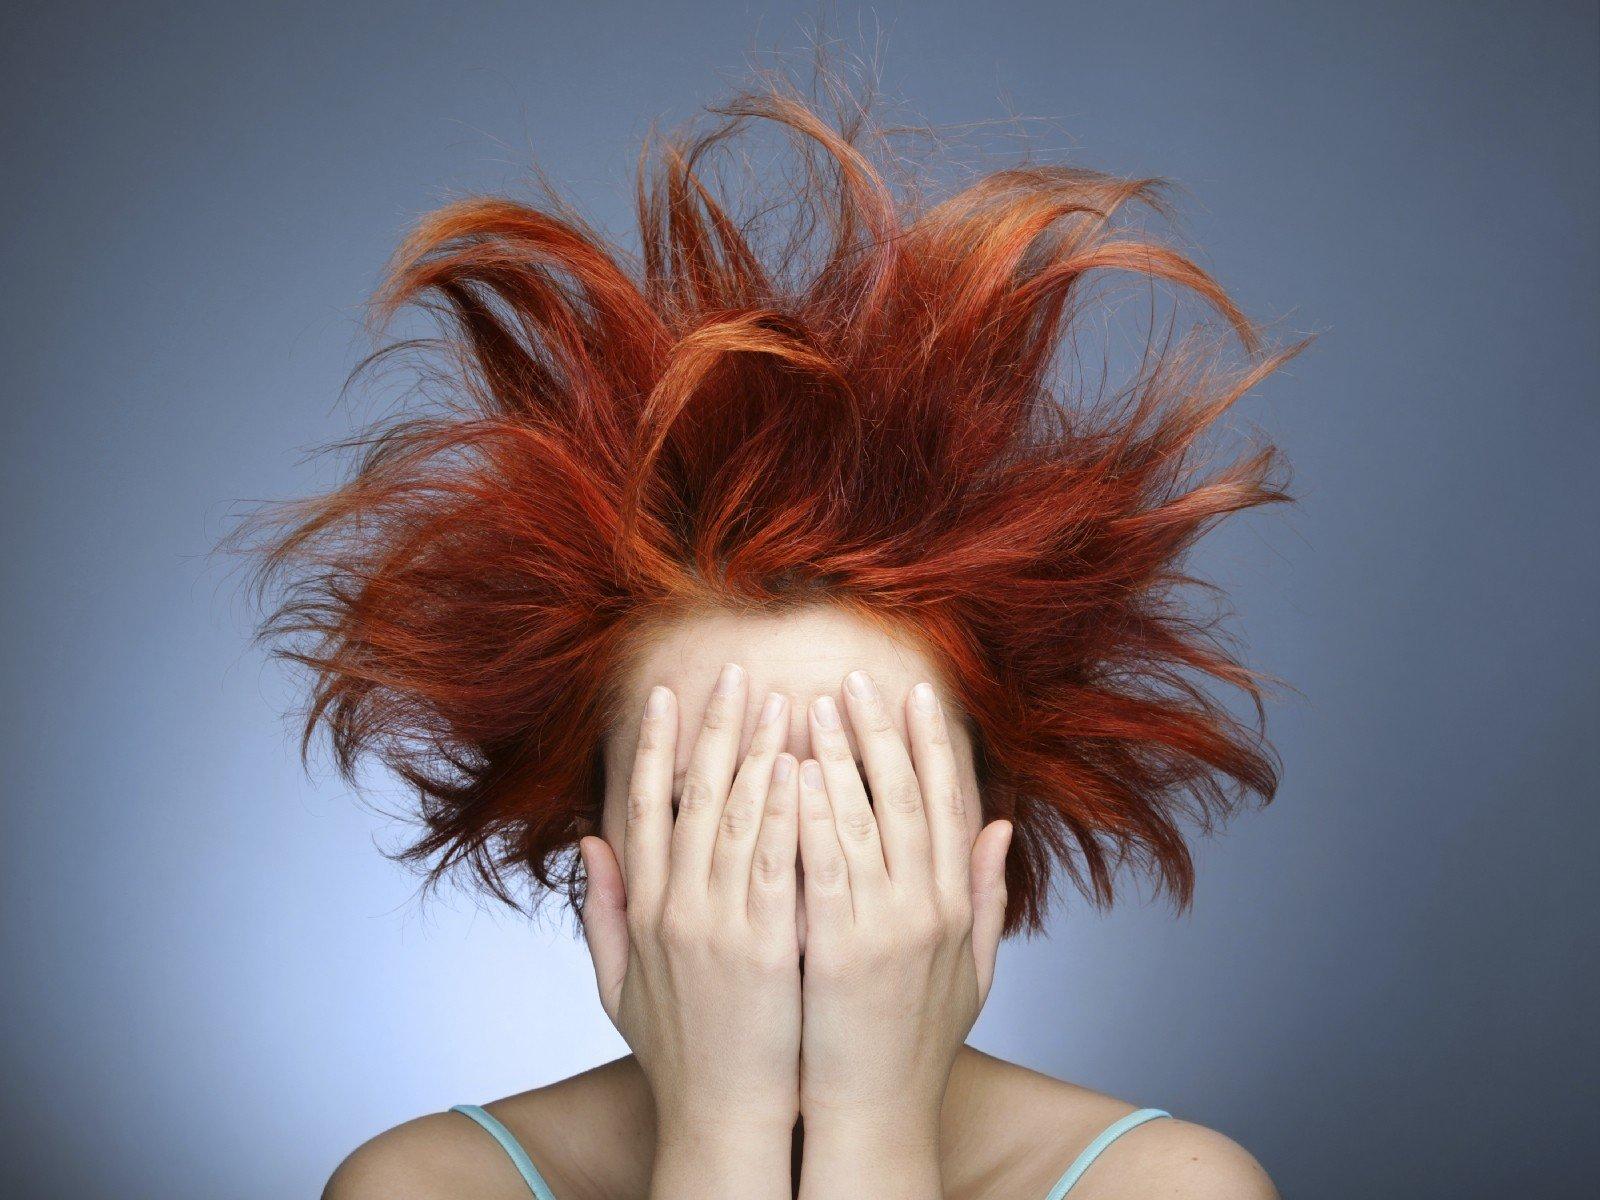 Frisuren für Bad Hair Days